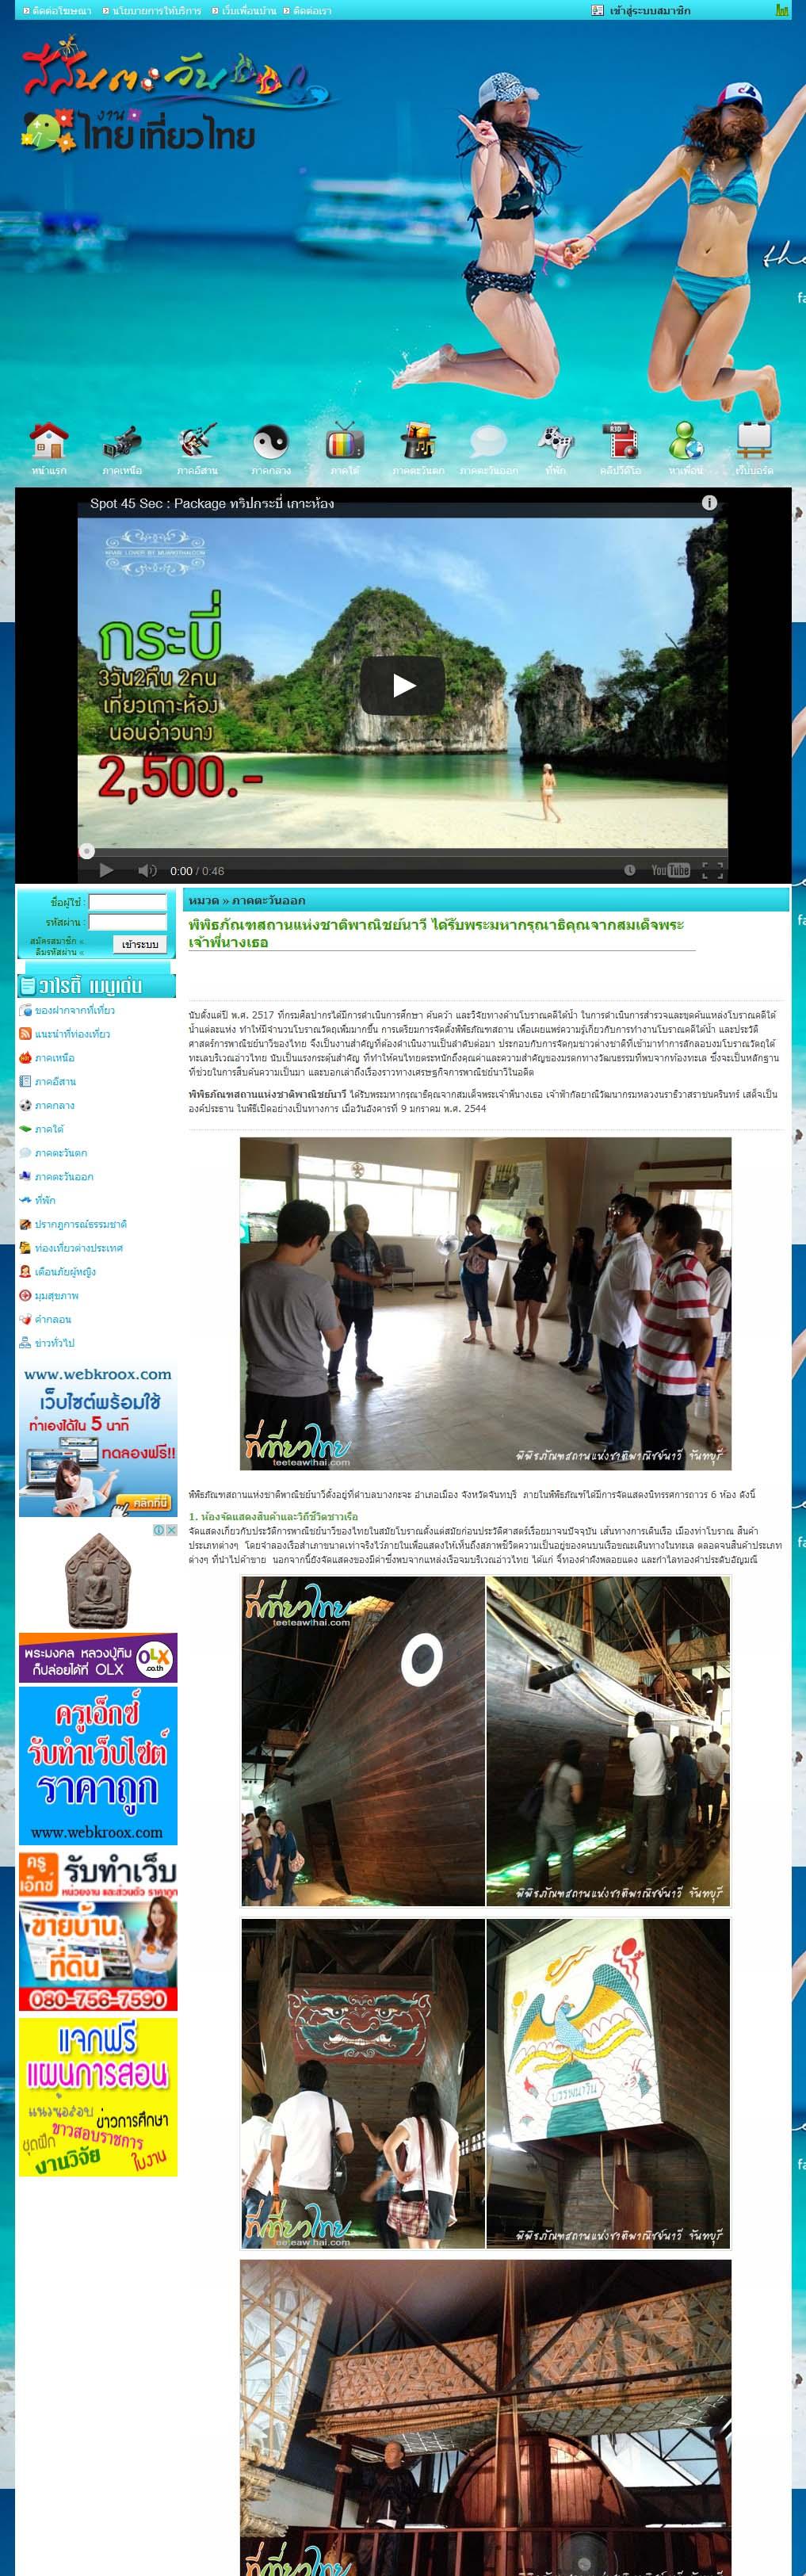 ภาพที่ 2 รับทำเว็บท่องเที่ยว เว็บทัวร์ สคริปเว็บที่ยว